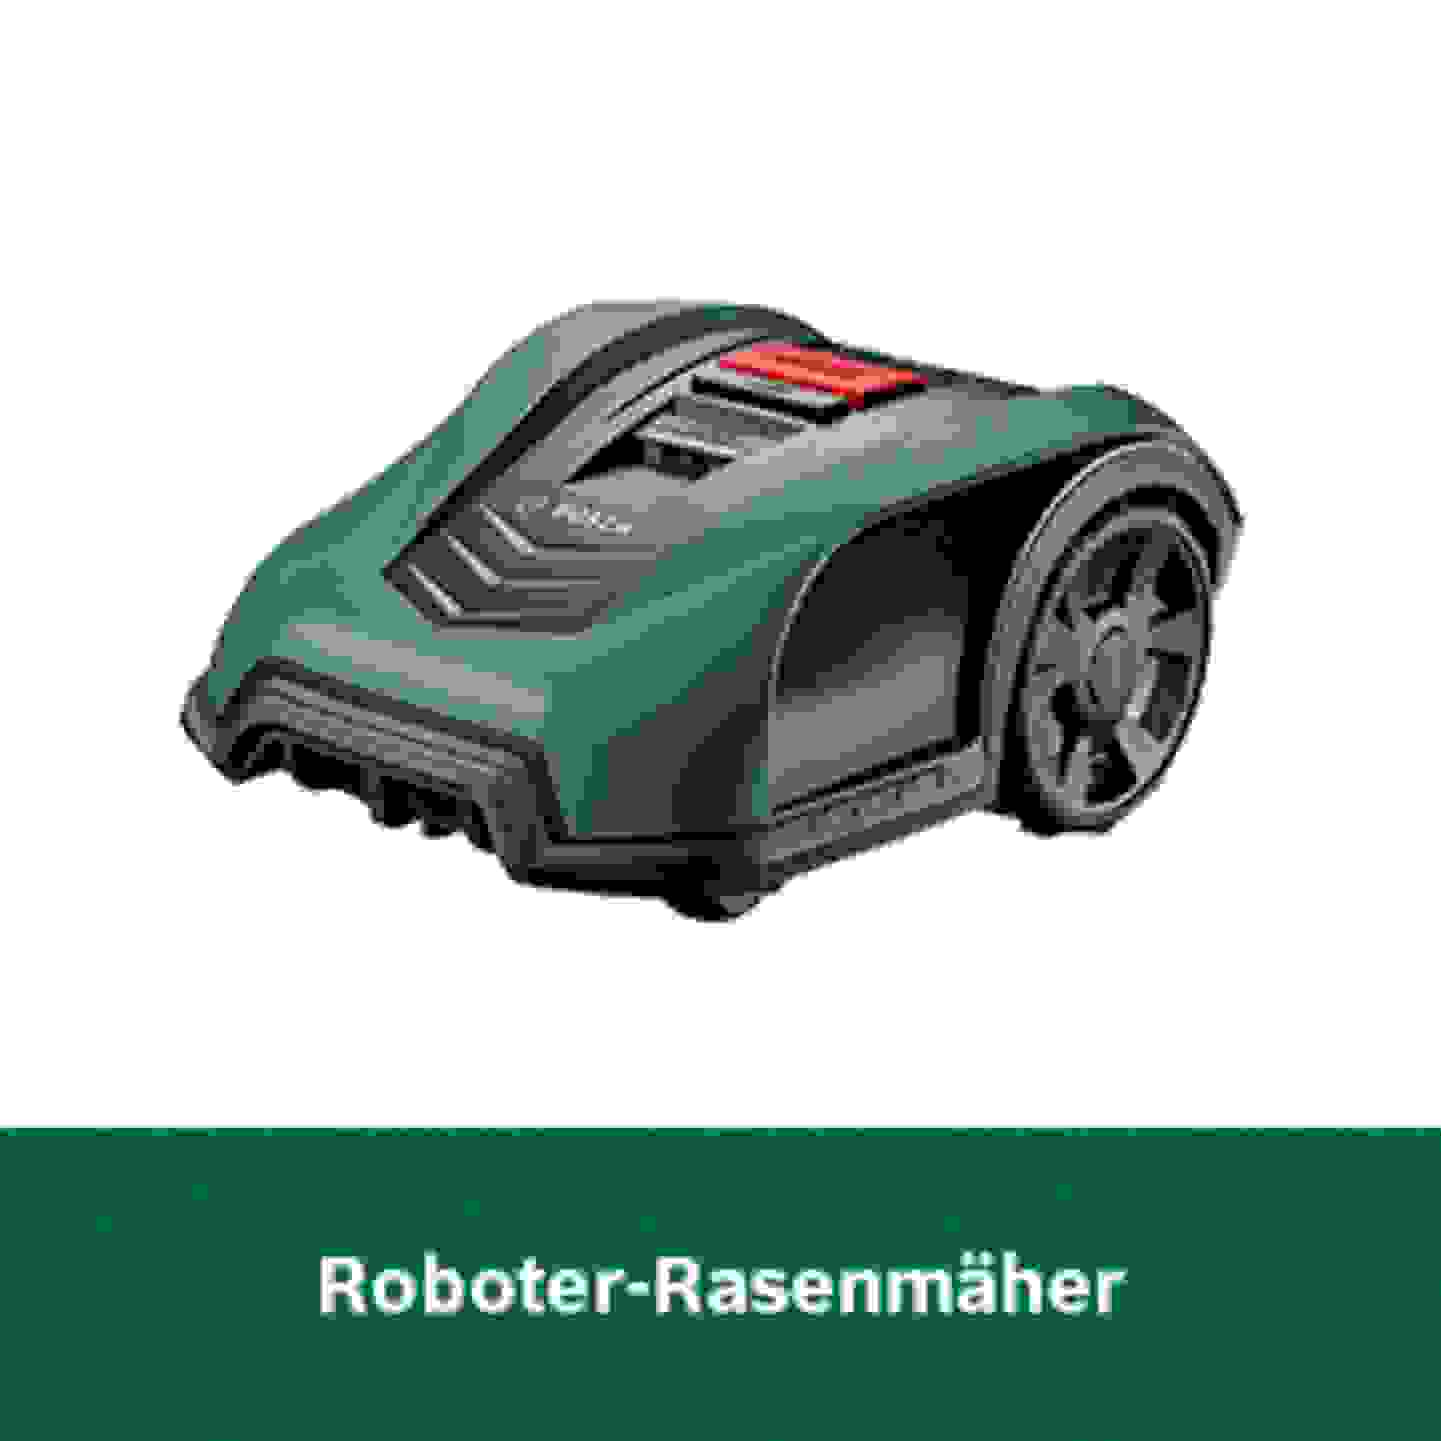 Bosch Roboter-Rasenmäher